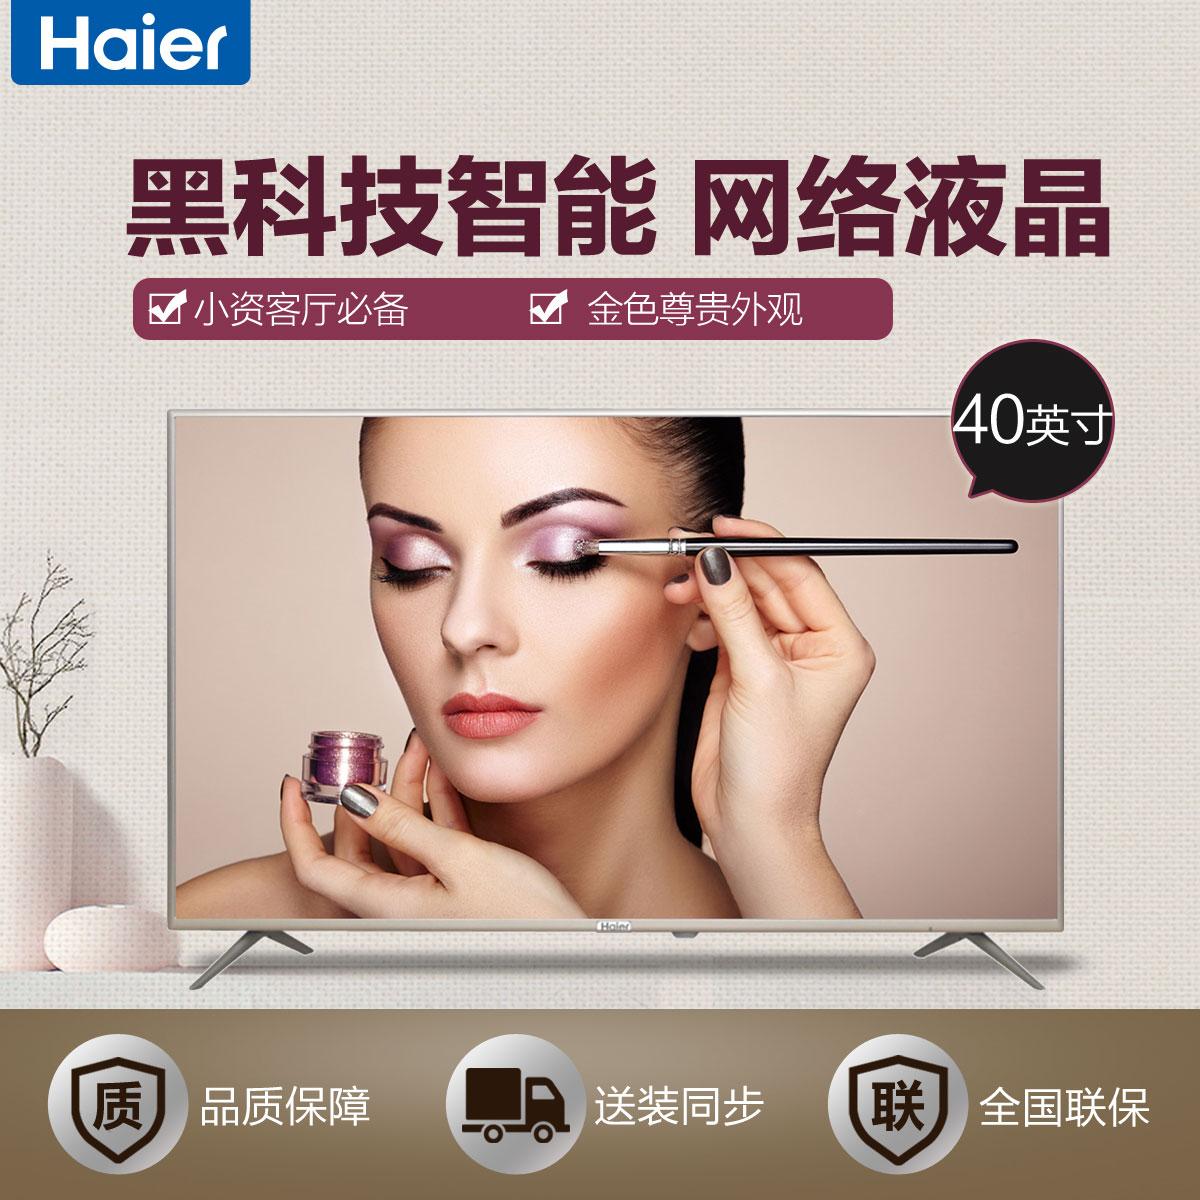 1080全高清,176度广视角,网络智能 LE40A31  40英寸高清智能网络电视机